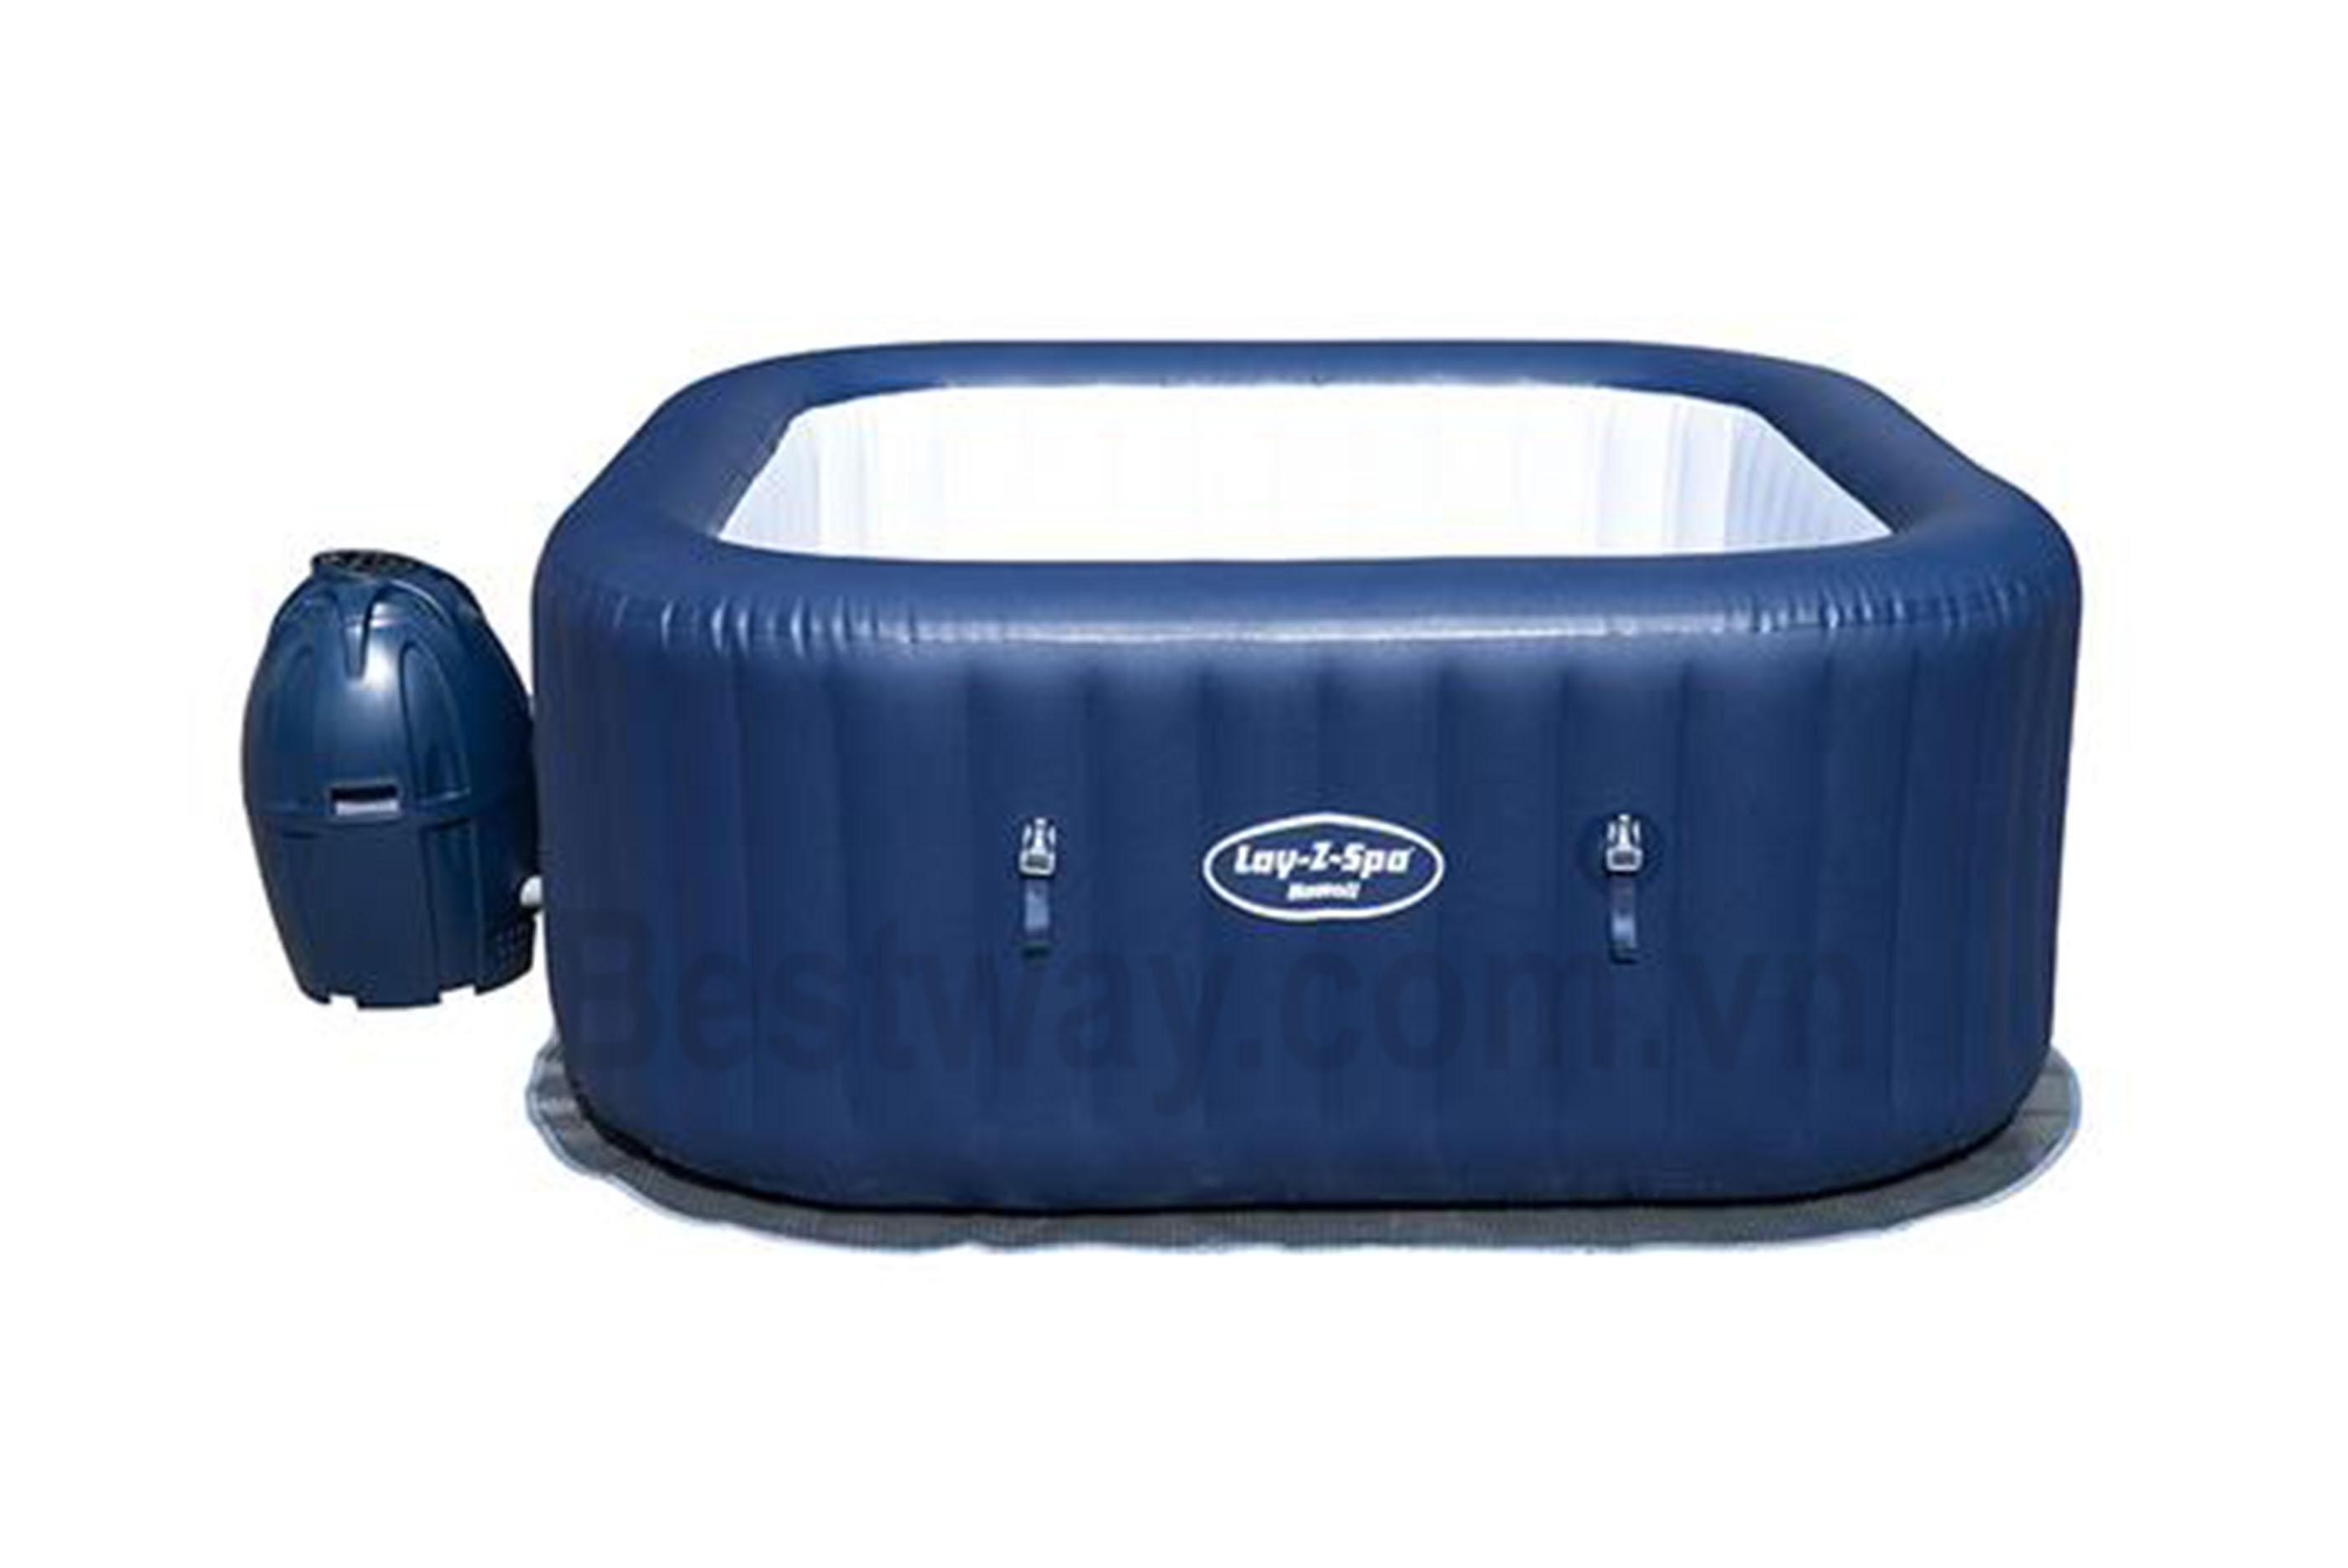 Bể Massage Bestway Lay-Z-Spa 54154